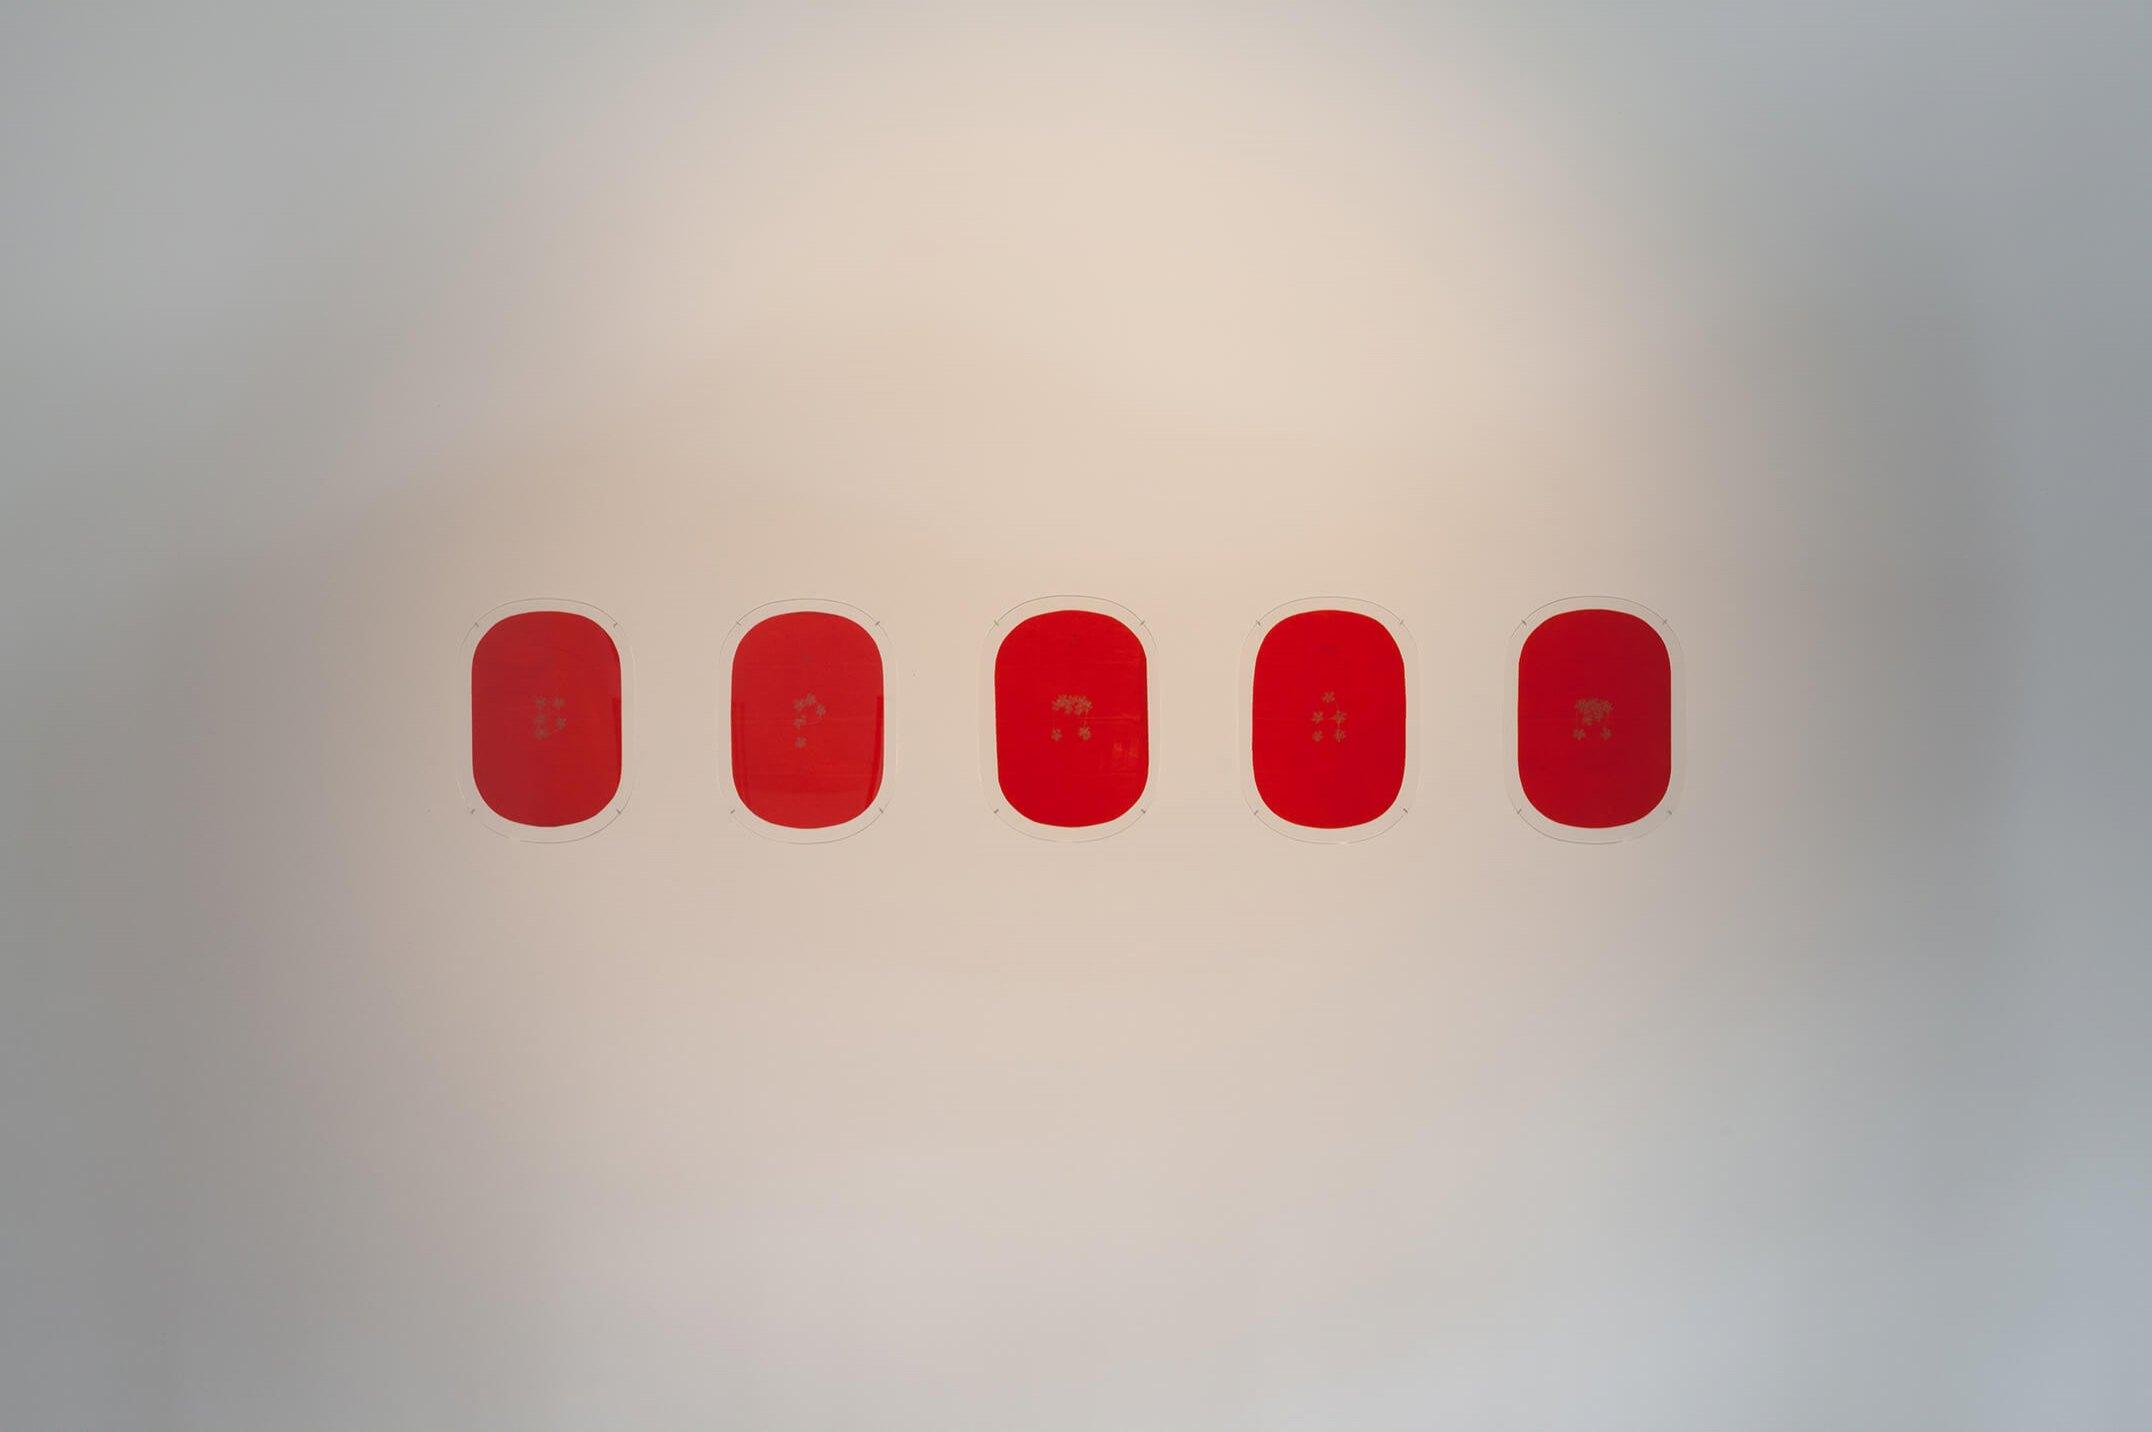 James Lee Byars<em>, 5PMAM,</em>1994,golden pencil on red japanese paper,38 × 27 cm (each) - Mendes Wood DM